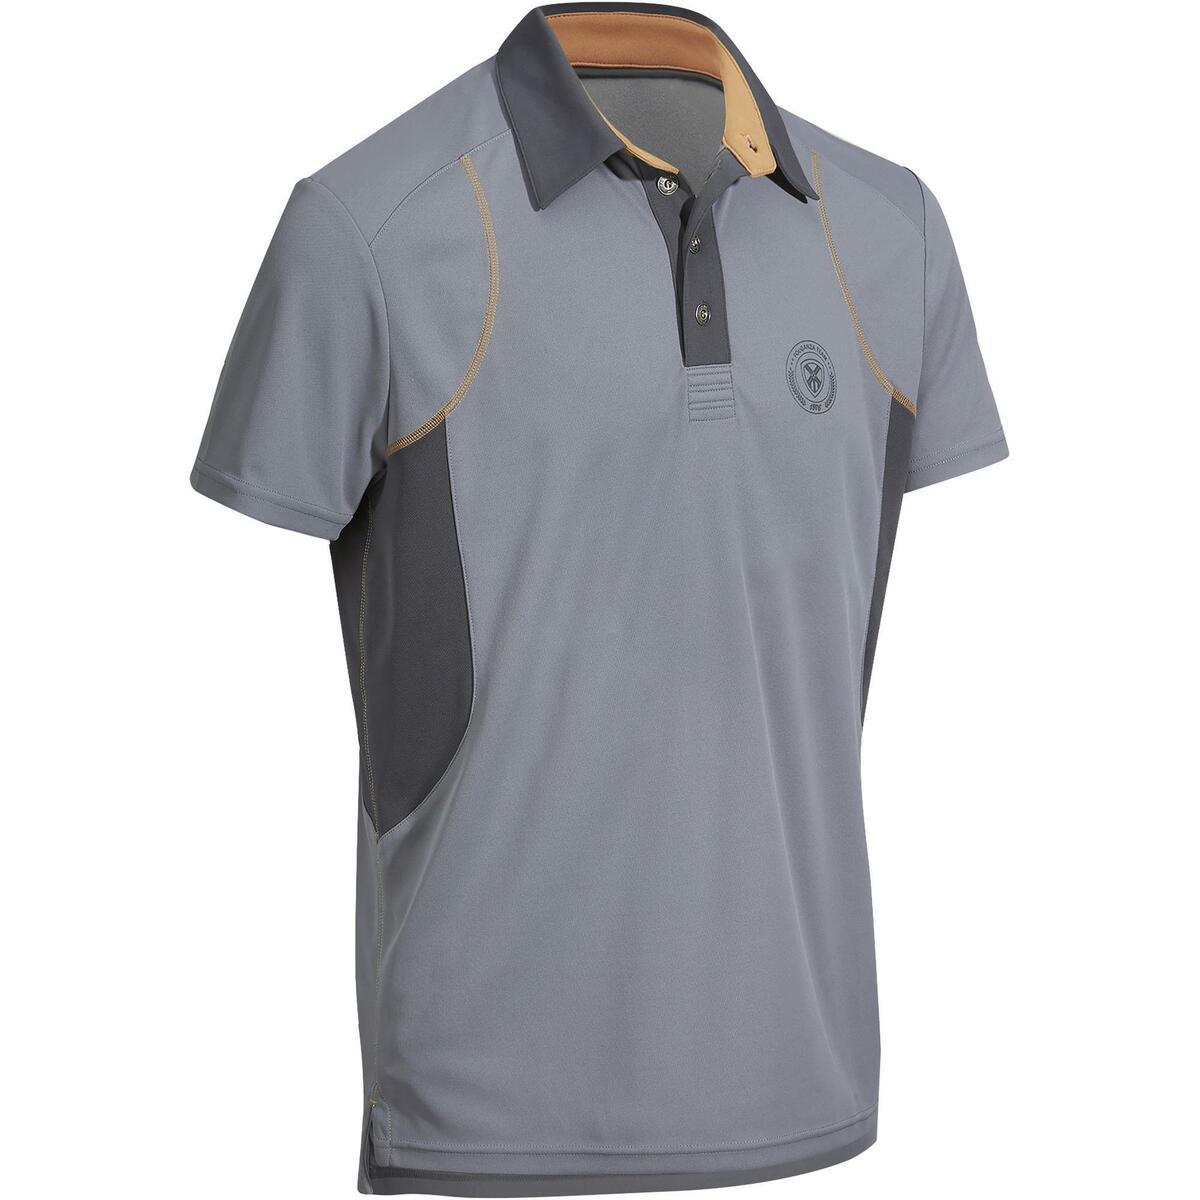 Bild 1 von Reit-Poloshirt 500 Mesh Herren grau/beige